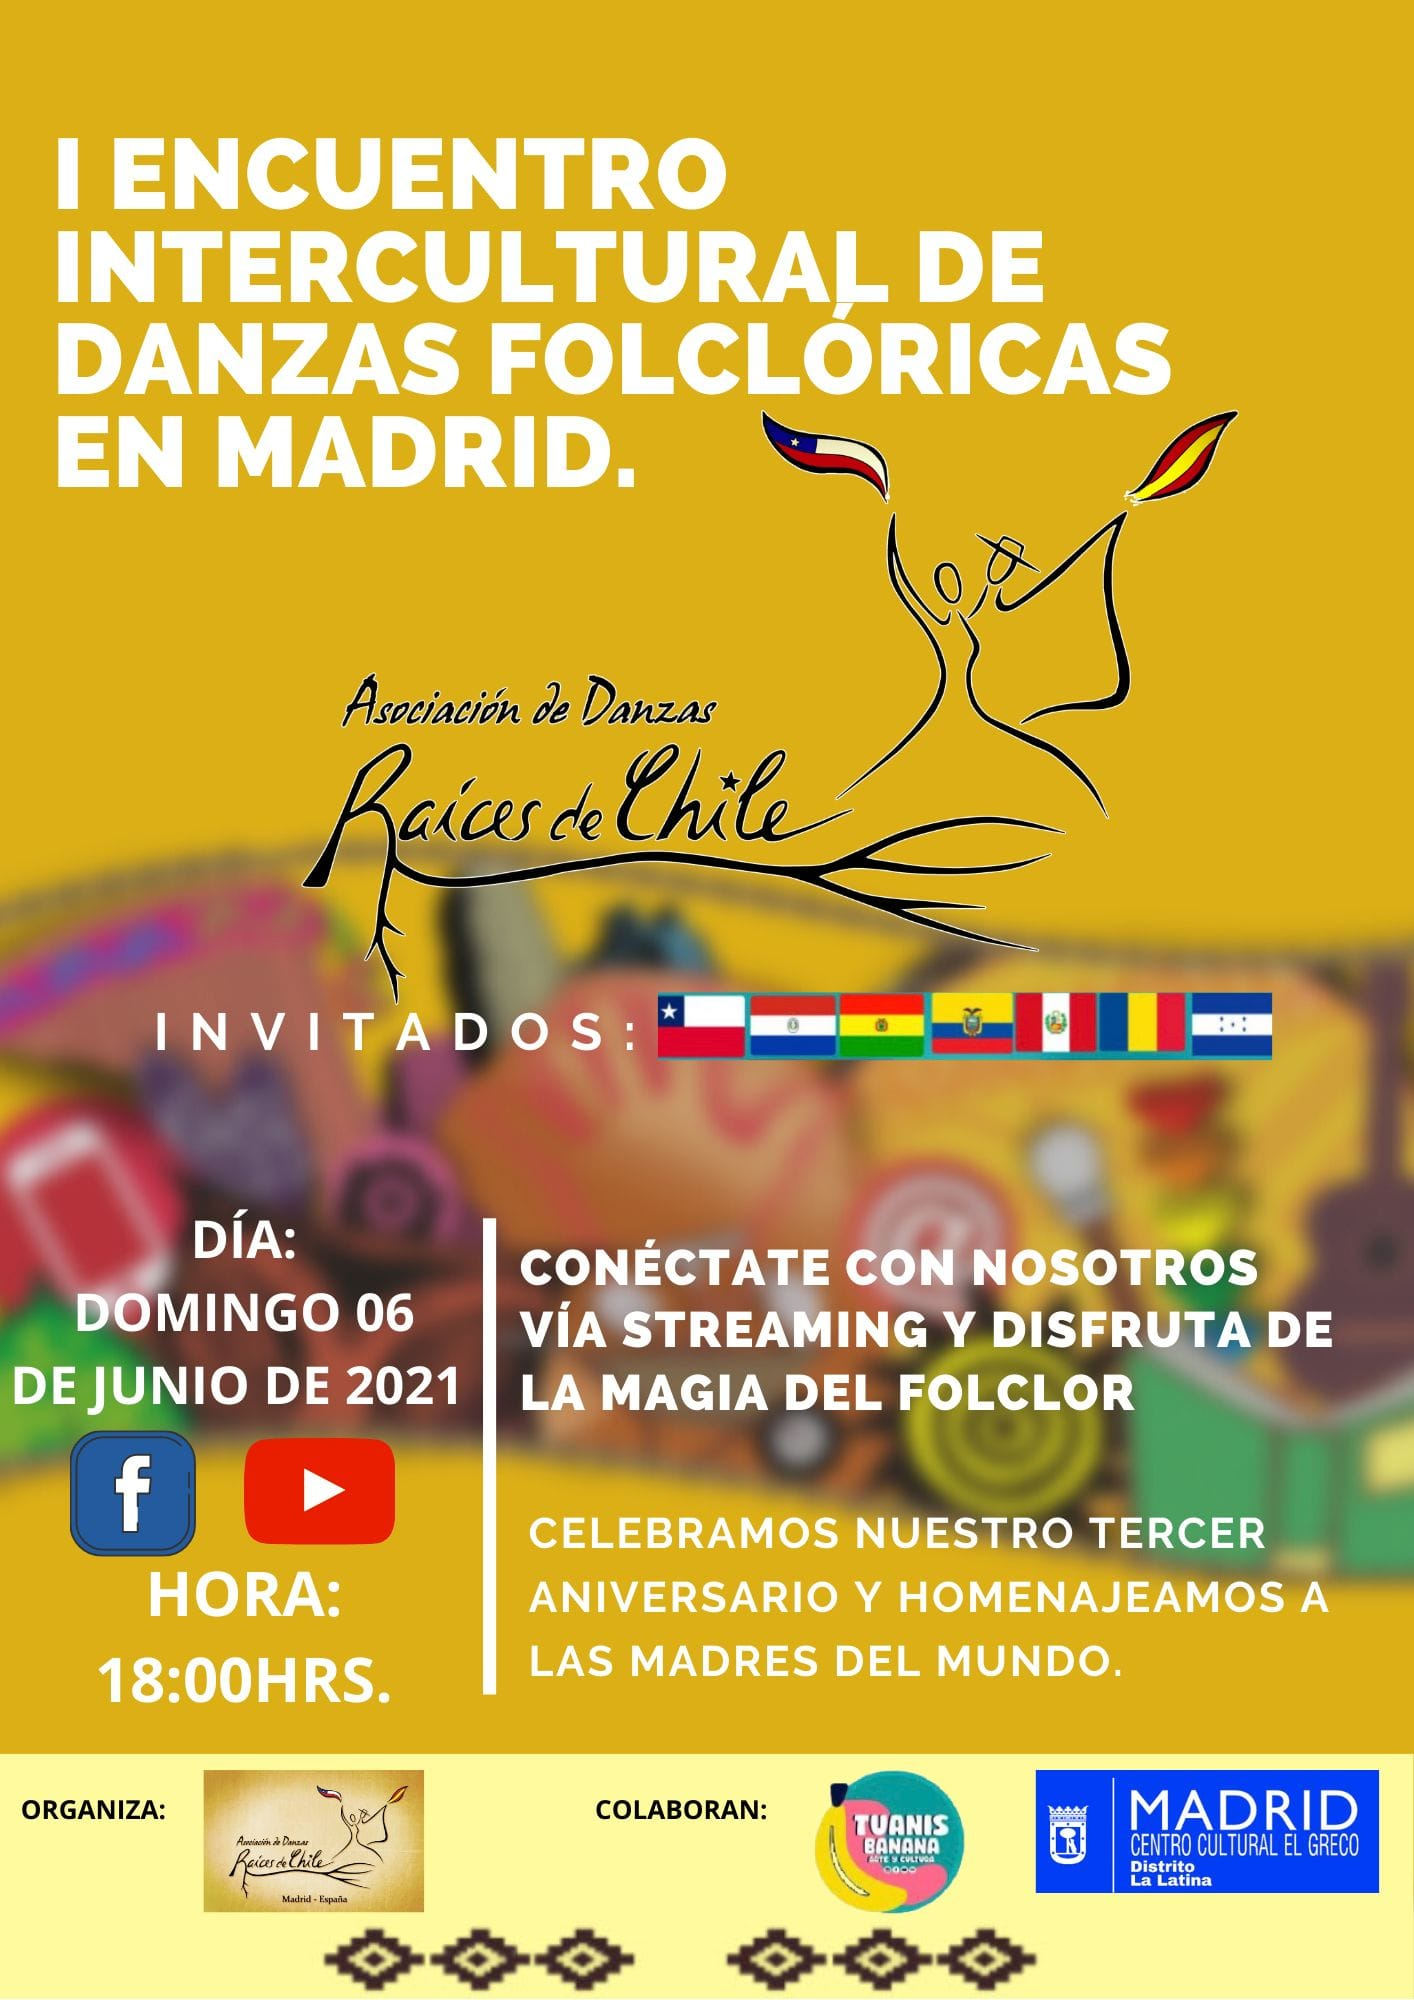 I Encuentro Intercultural de danzas folklóricas en Madrid